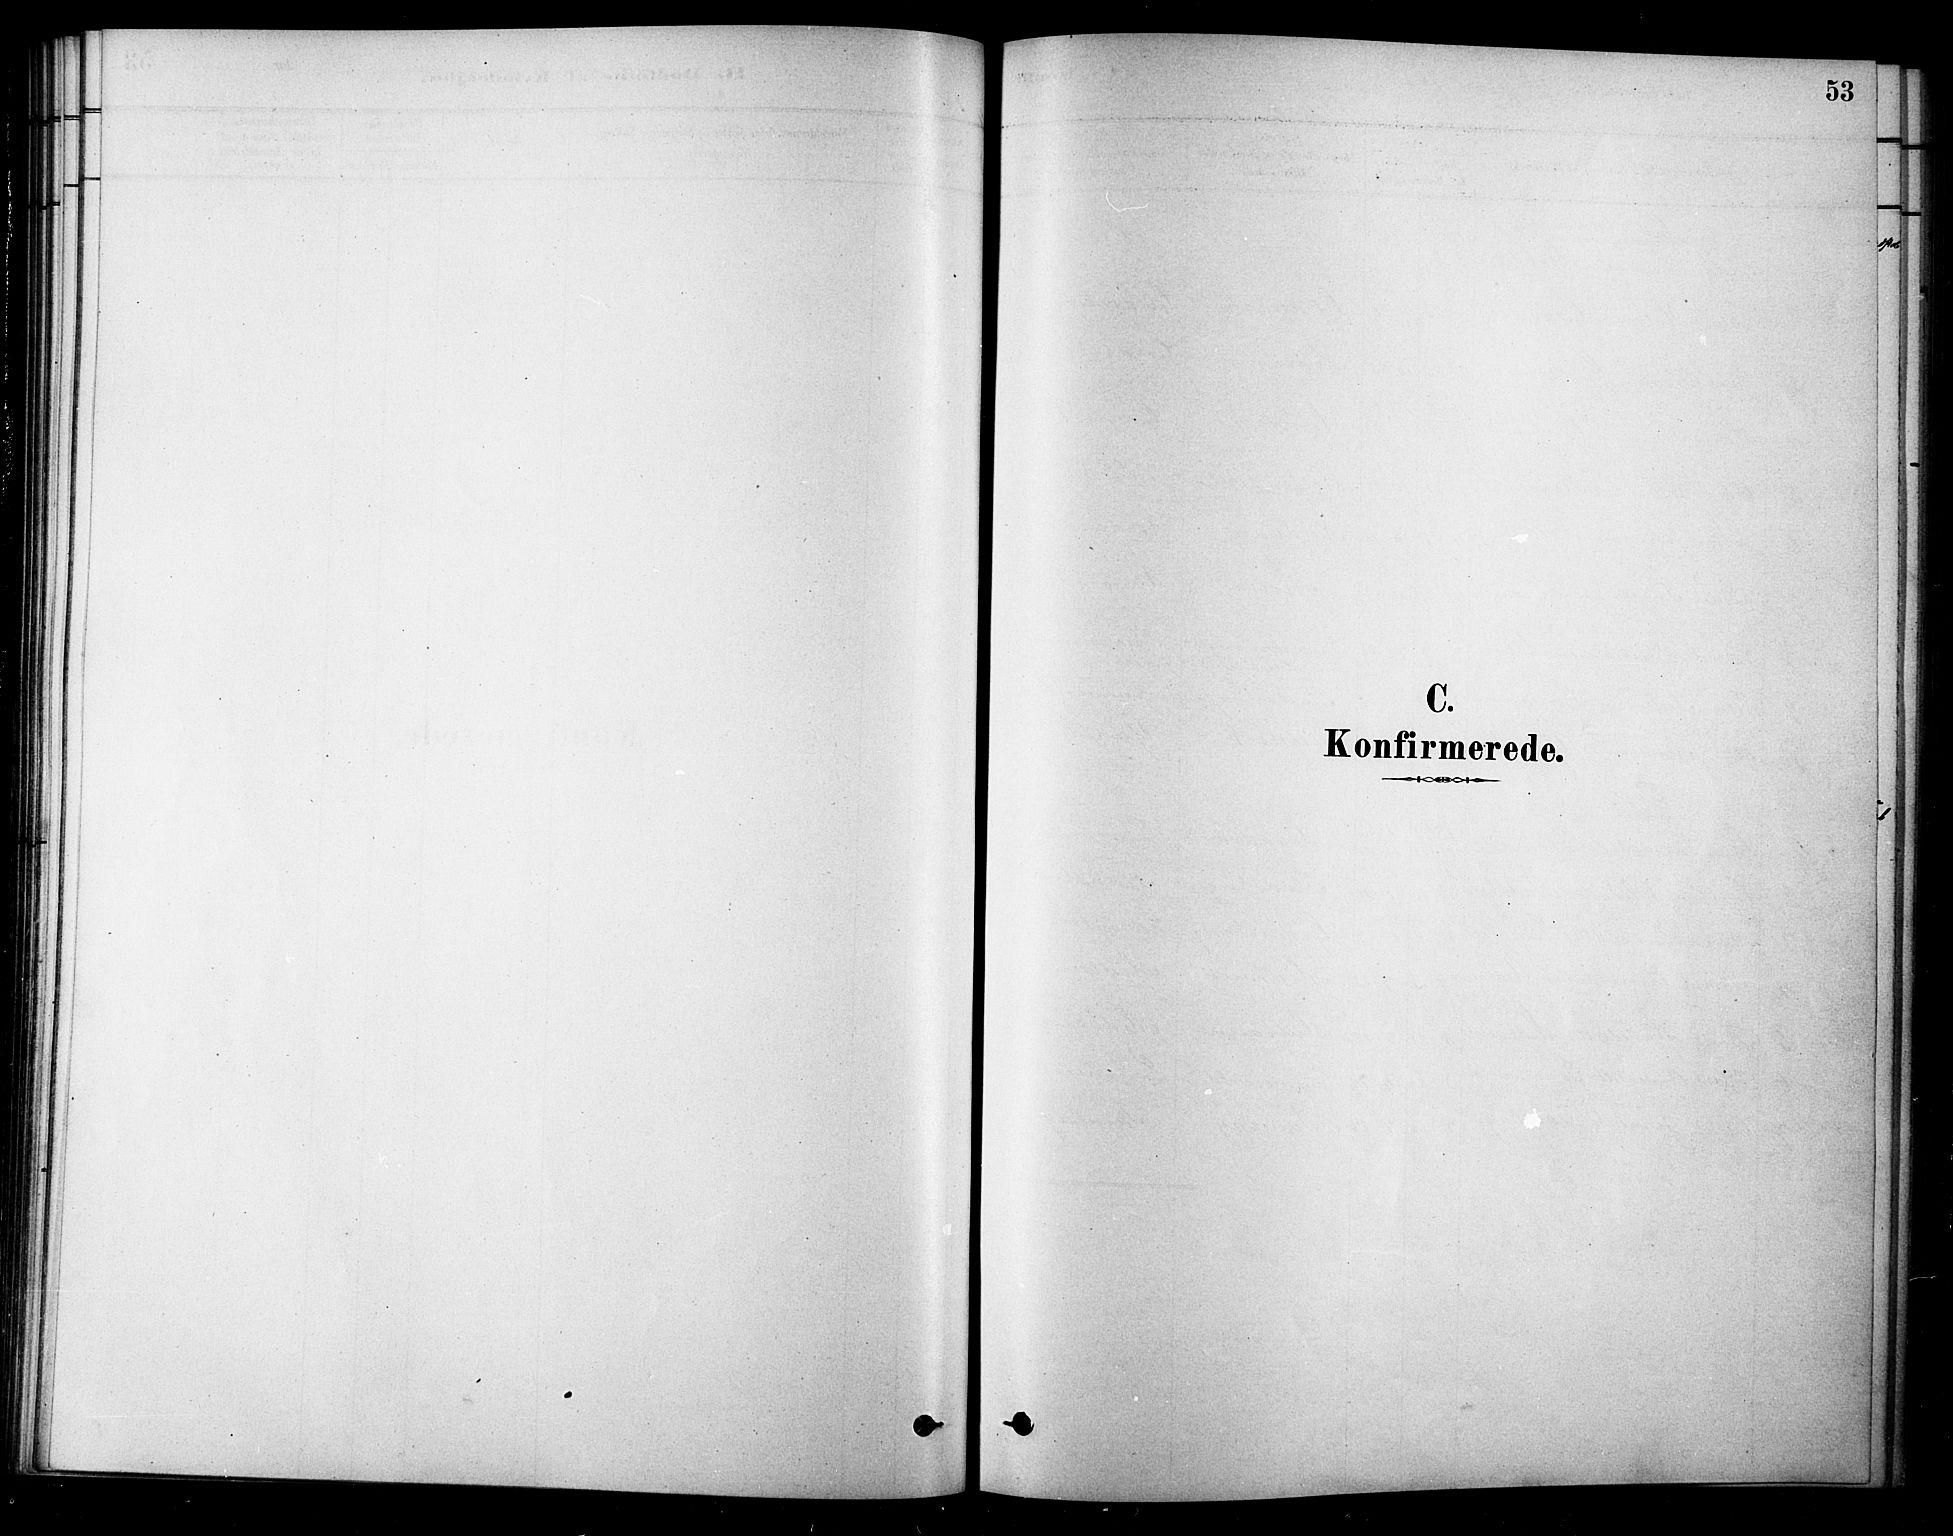 SAT, Ministerialprotokoller, klokkerbøker og fødselsregistre - Sør-Trøndelag, 685/L0972: Ministerialbok nr. 685A09, 1879-1890, s. 53